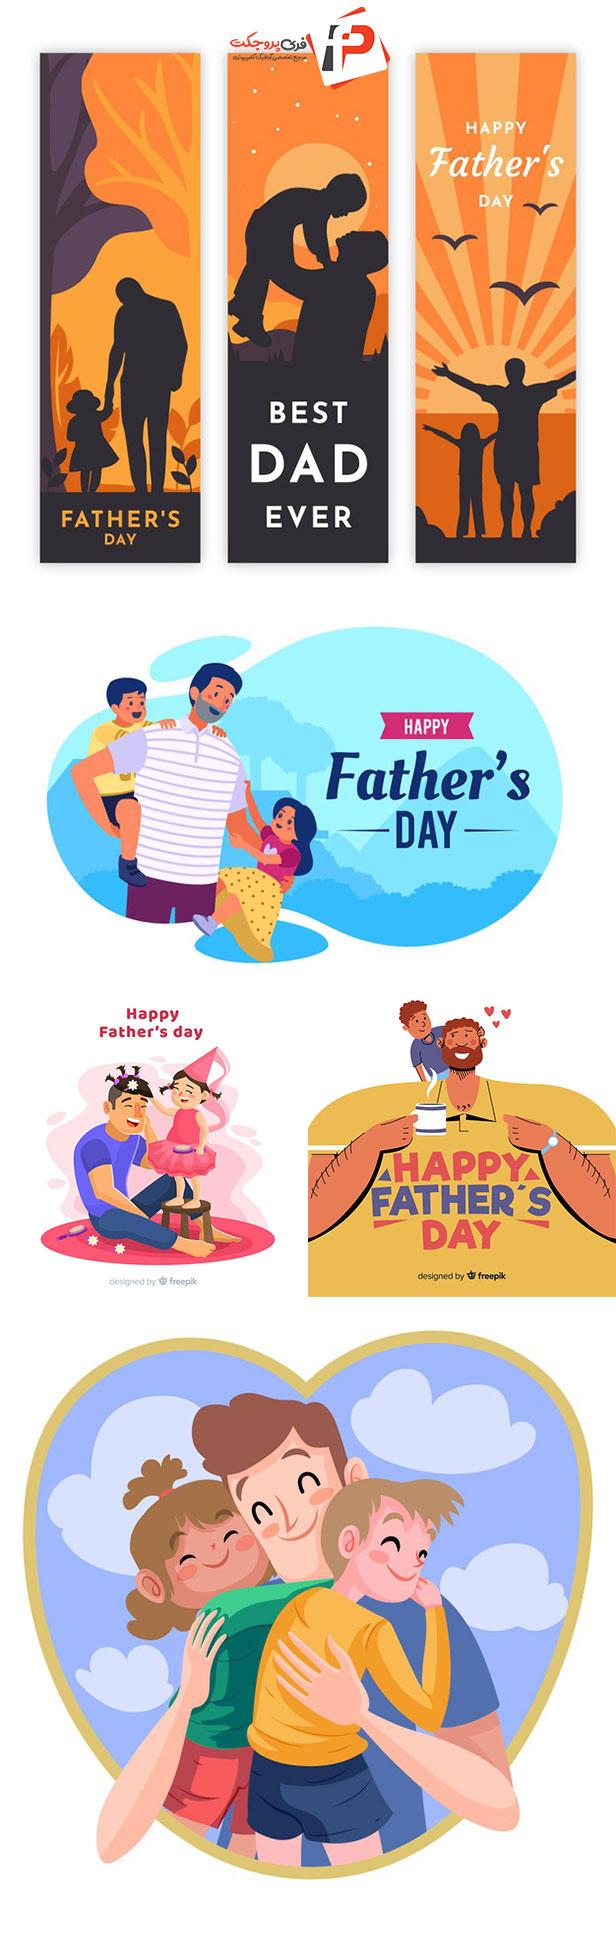 دانلود فایل پریمیوم از فری پیک روز پدر